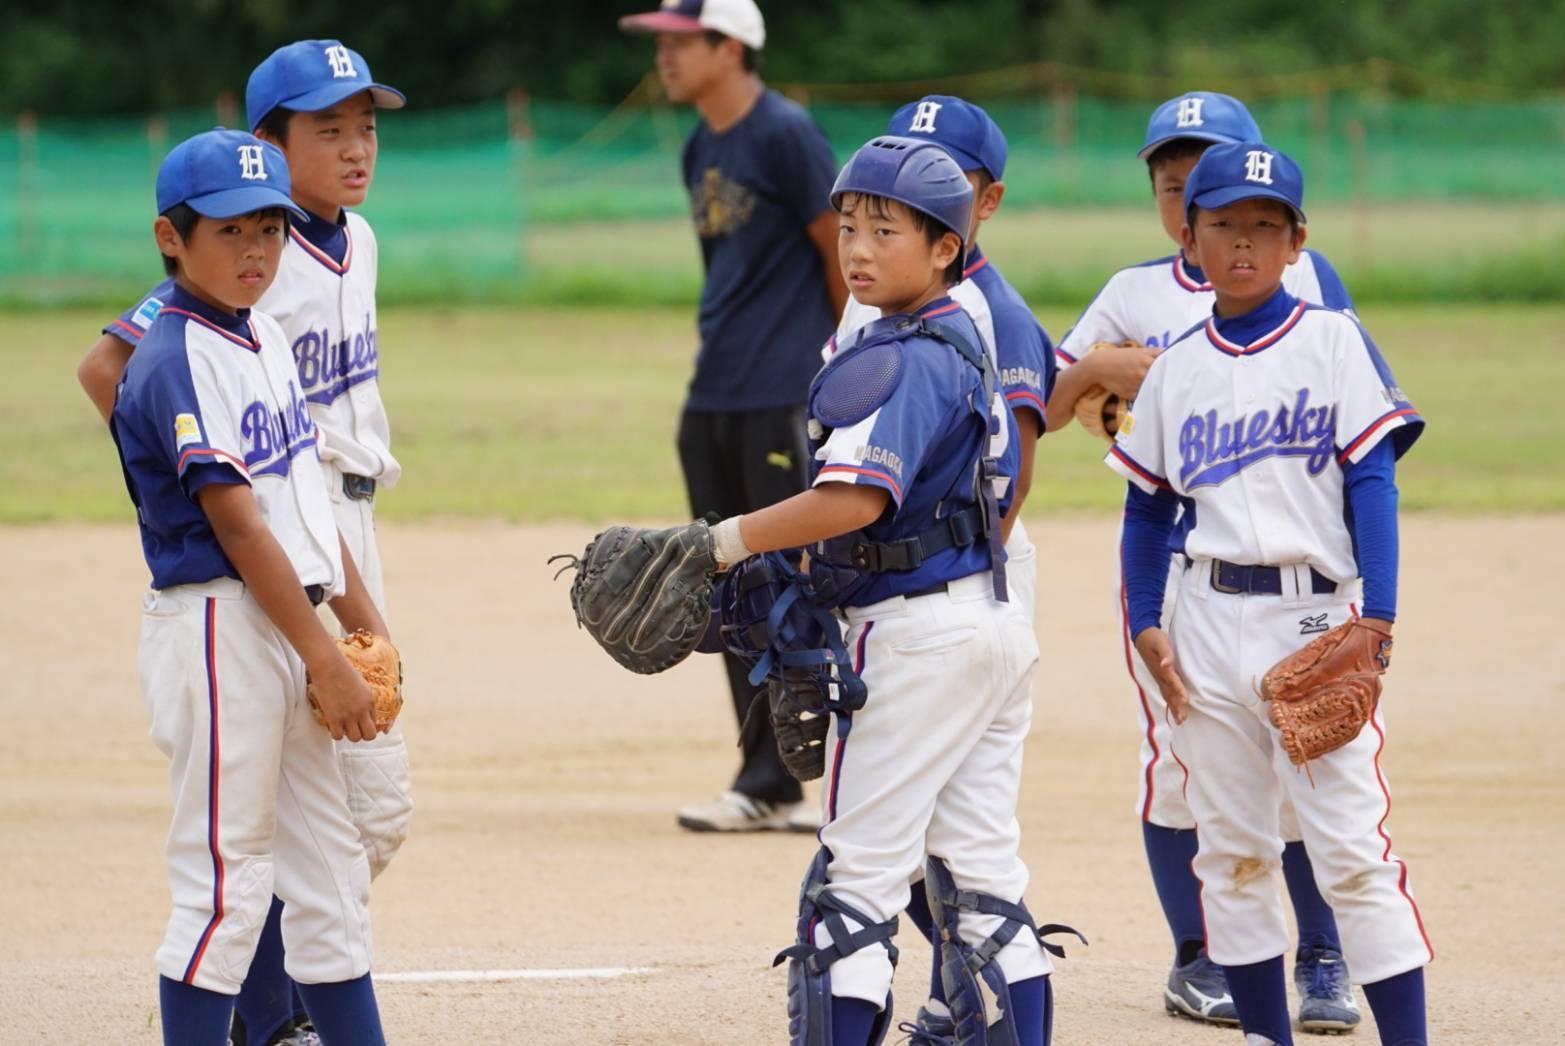 第36回ライオンズクラブ旗争奪長岡市少年野球大会結果です!_b0095176_08595216.jpeg